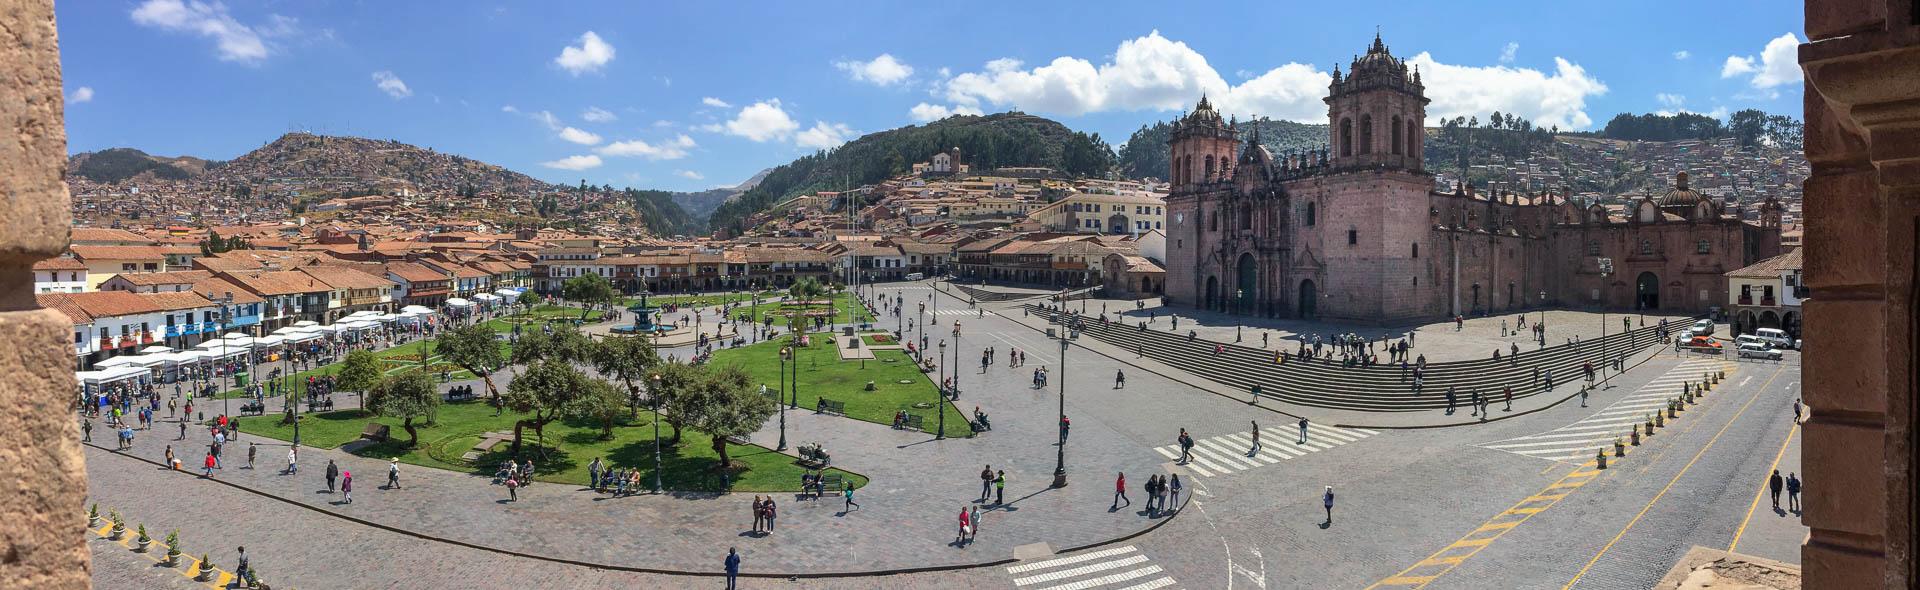 Cusco, das Zentrum der Welt